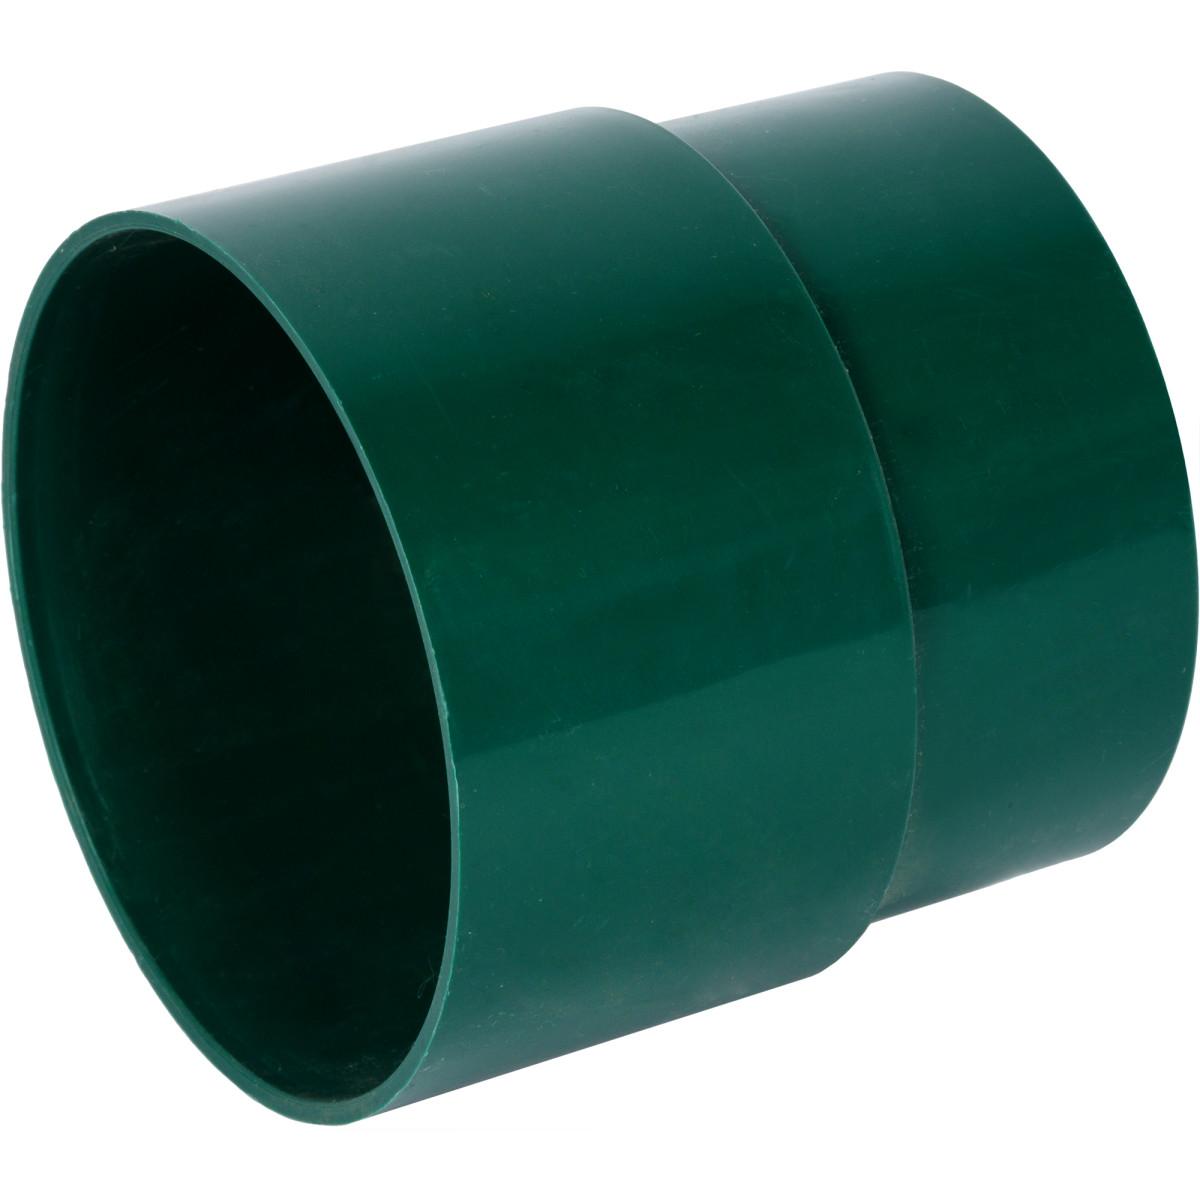 Муфта для водосточной трубы 80 мм цвет зеленый